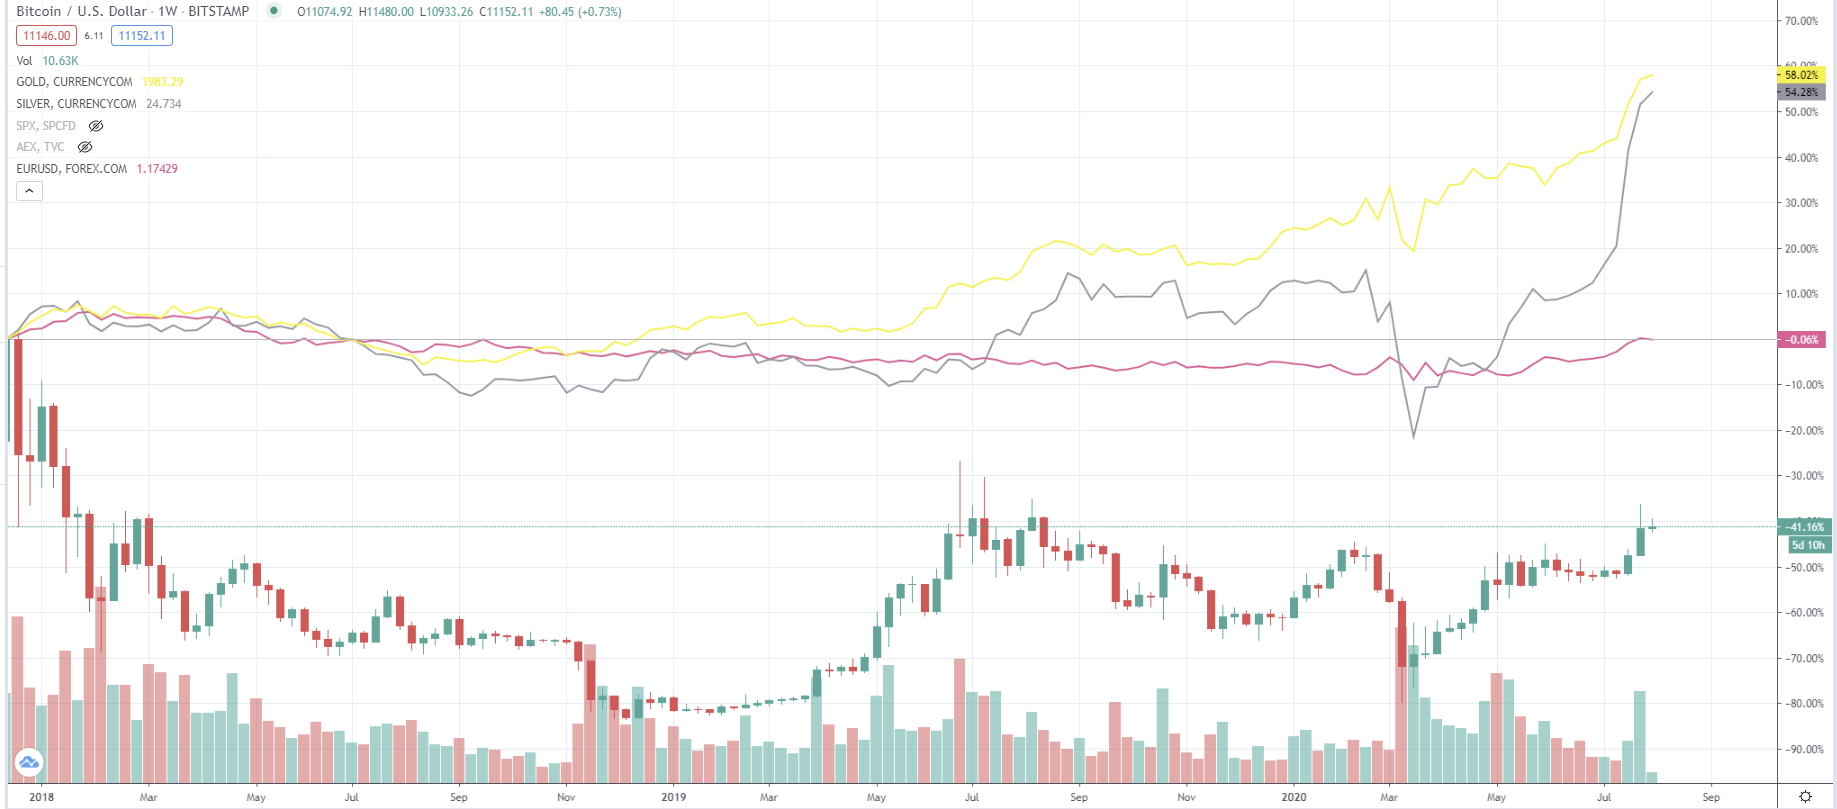 koersverloop-bitcoin-goud-zilver-valuta